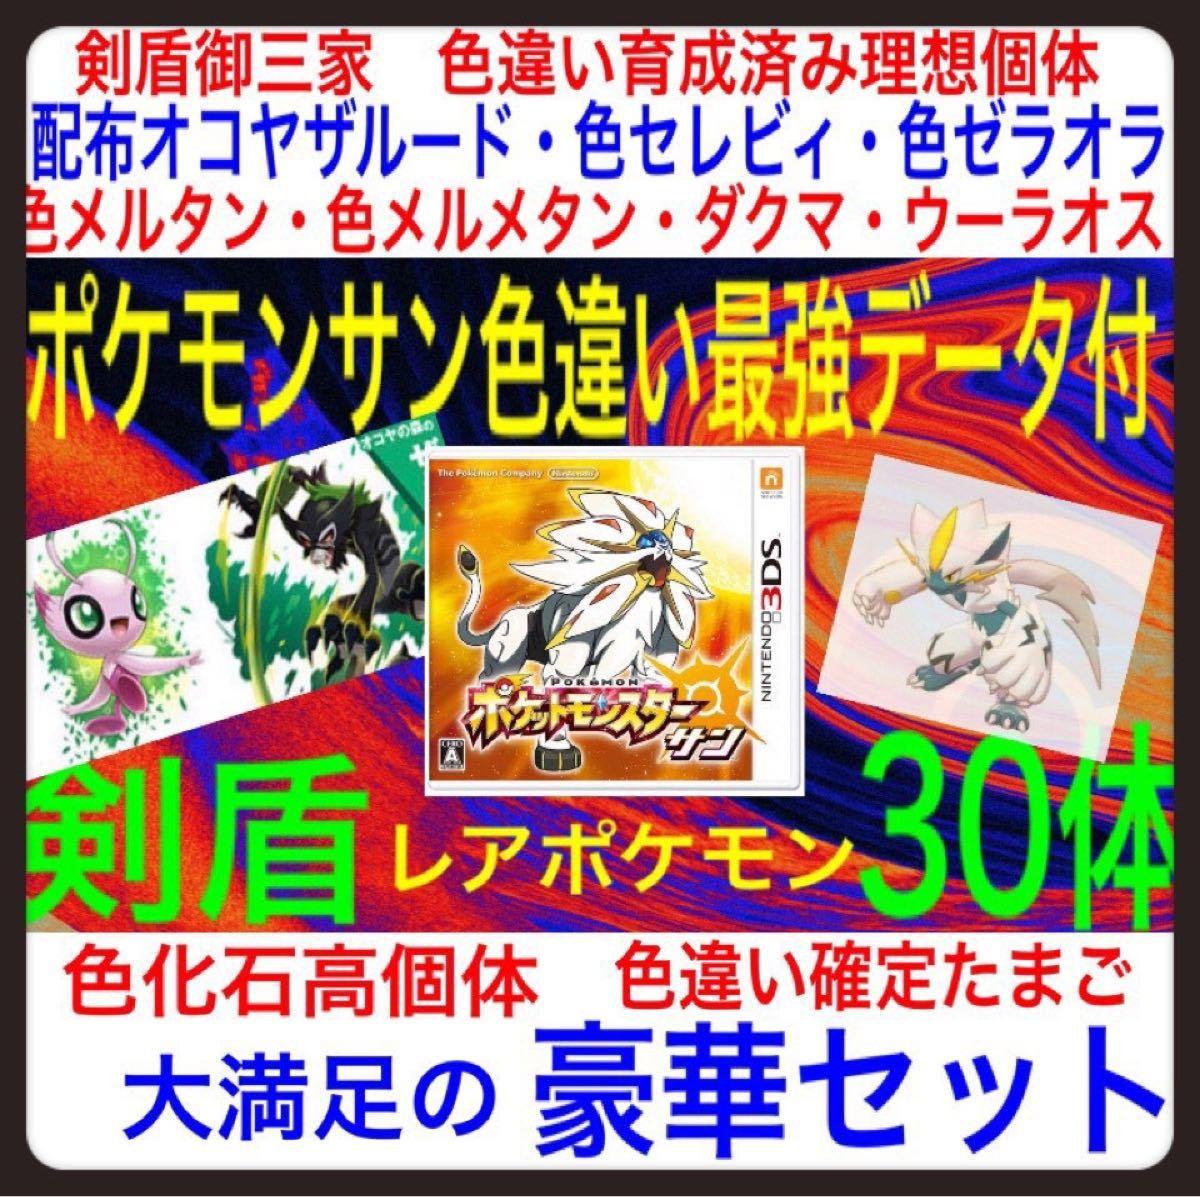 盾 色 剣 ポケモン 違い 化石